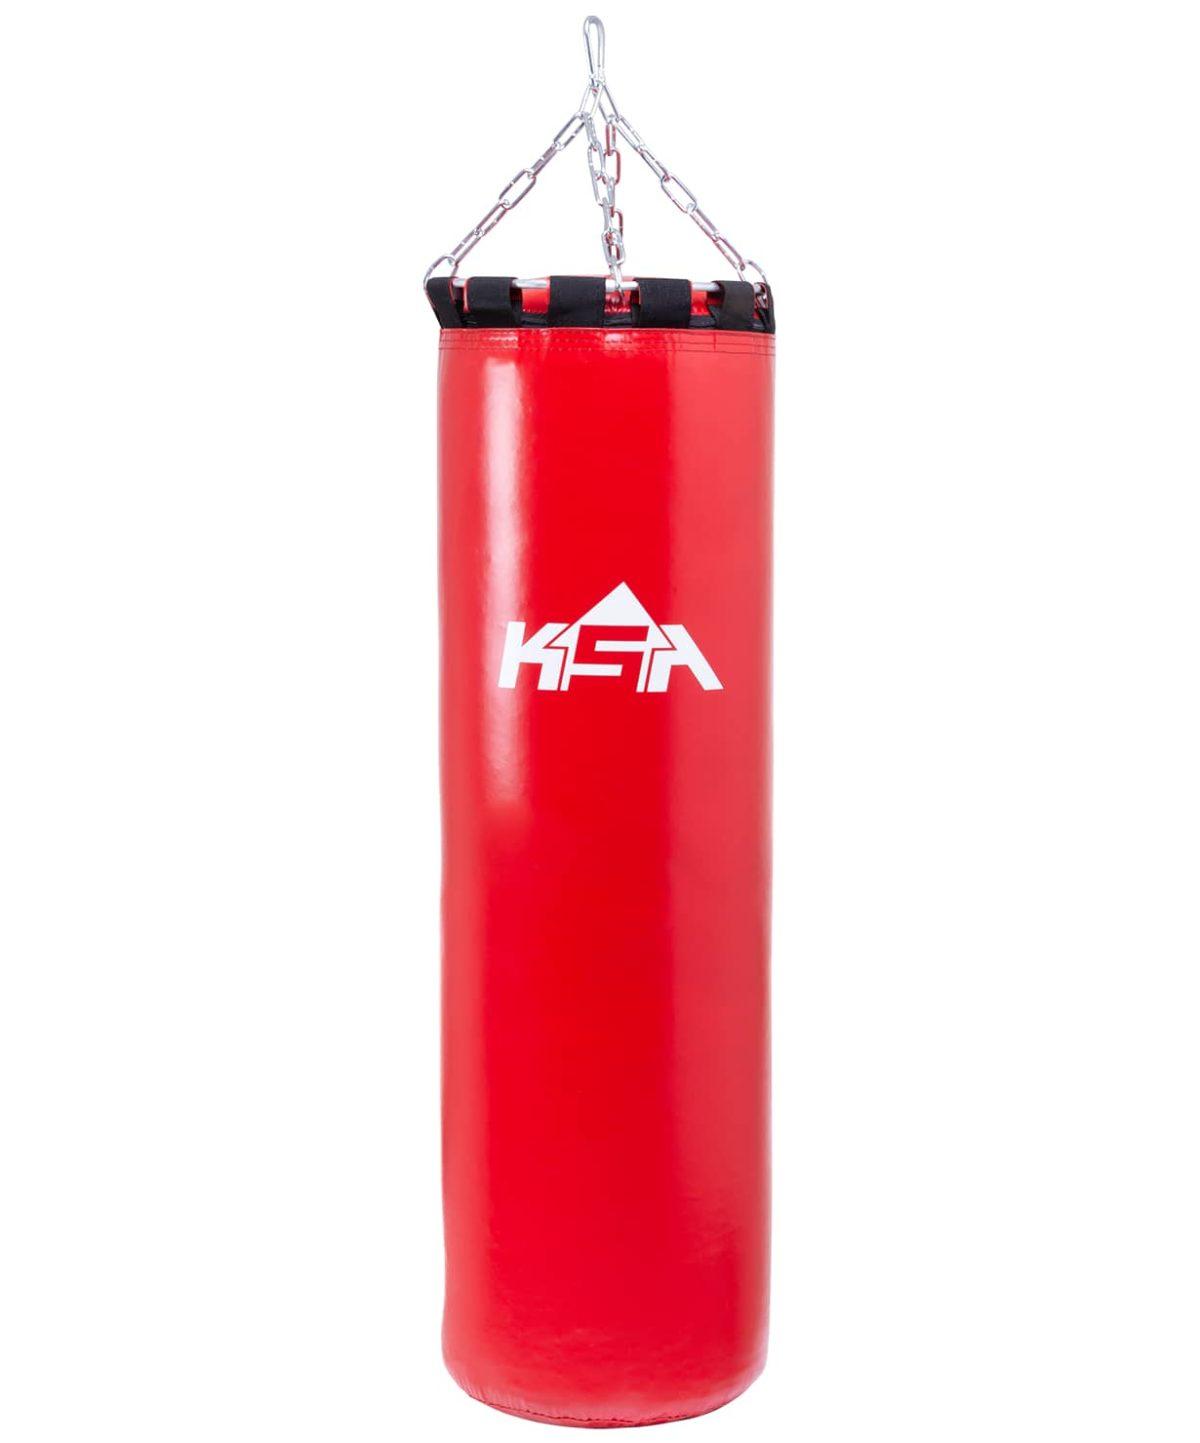 KSA Мешок боксерский, 140 см, 70 кг, тент  PB-01 - 1